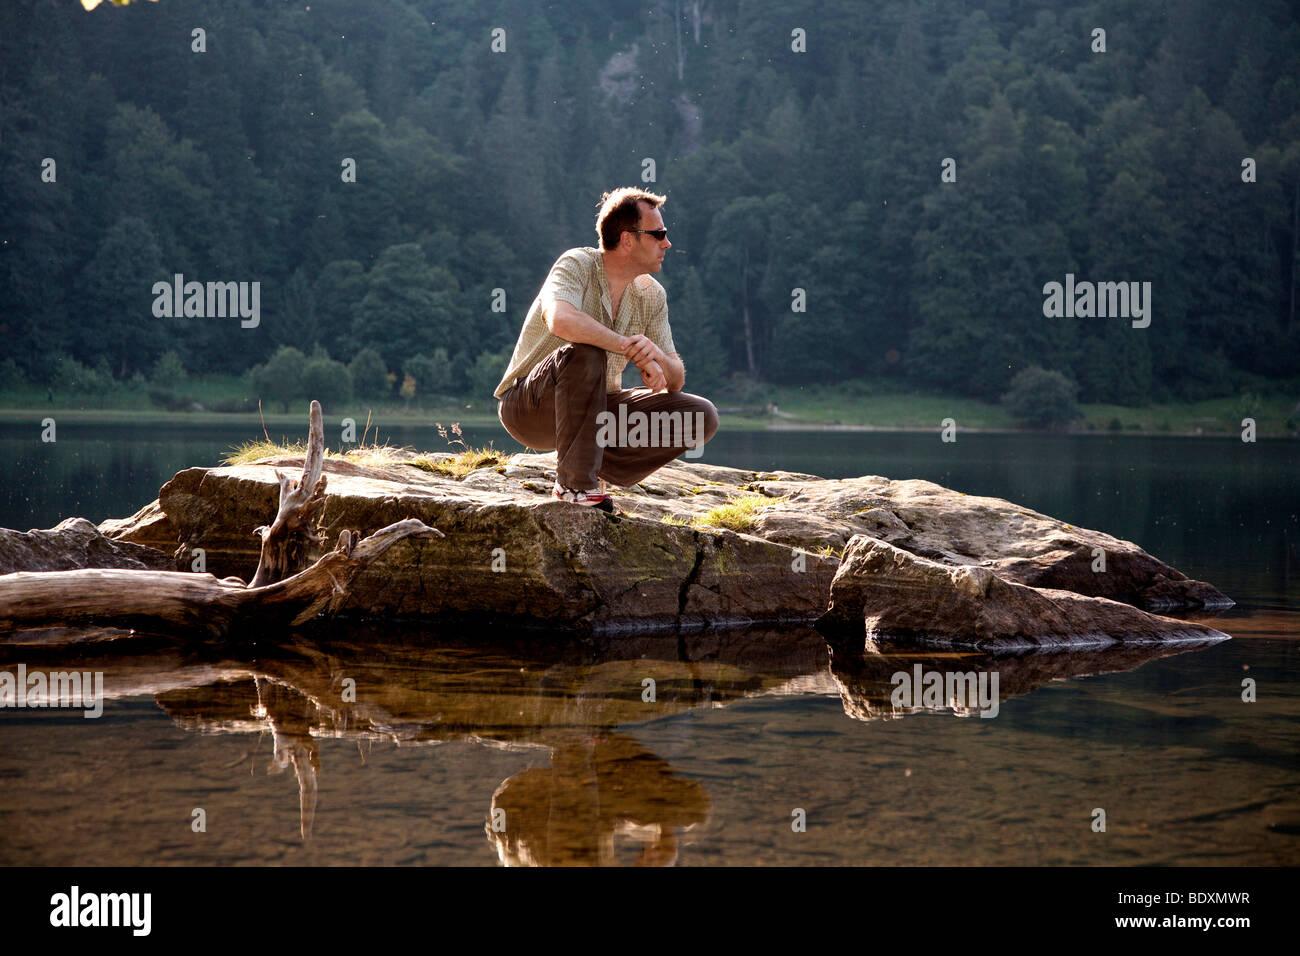 L'homme, mi 40s, accroupie sur un rocher au lac Feldsee dans la Forêt-Noire, Bade-Wurtemberg, Allemagne, Europe Banque D'Images